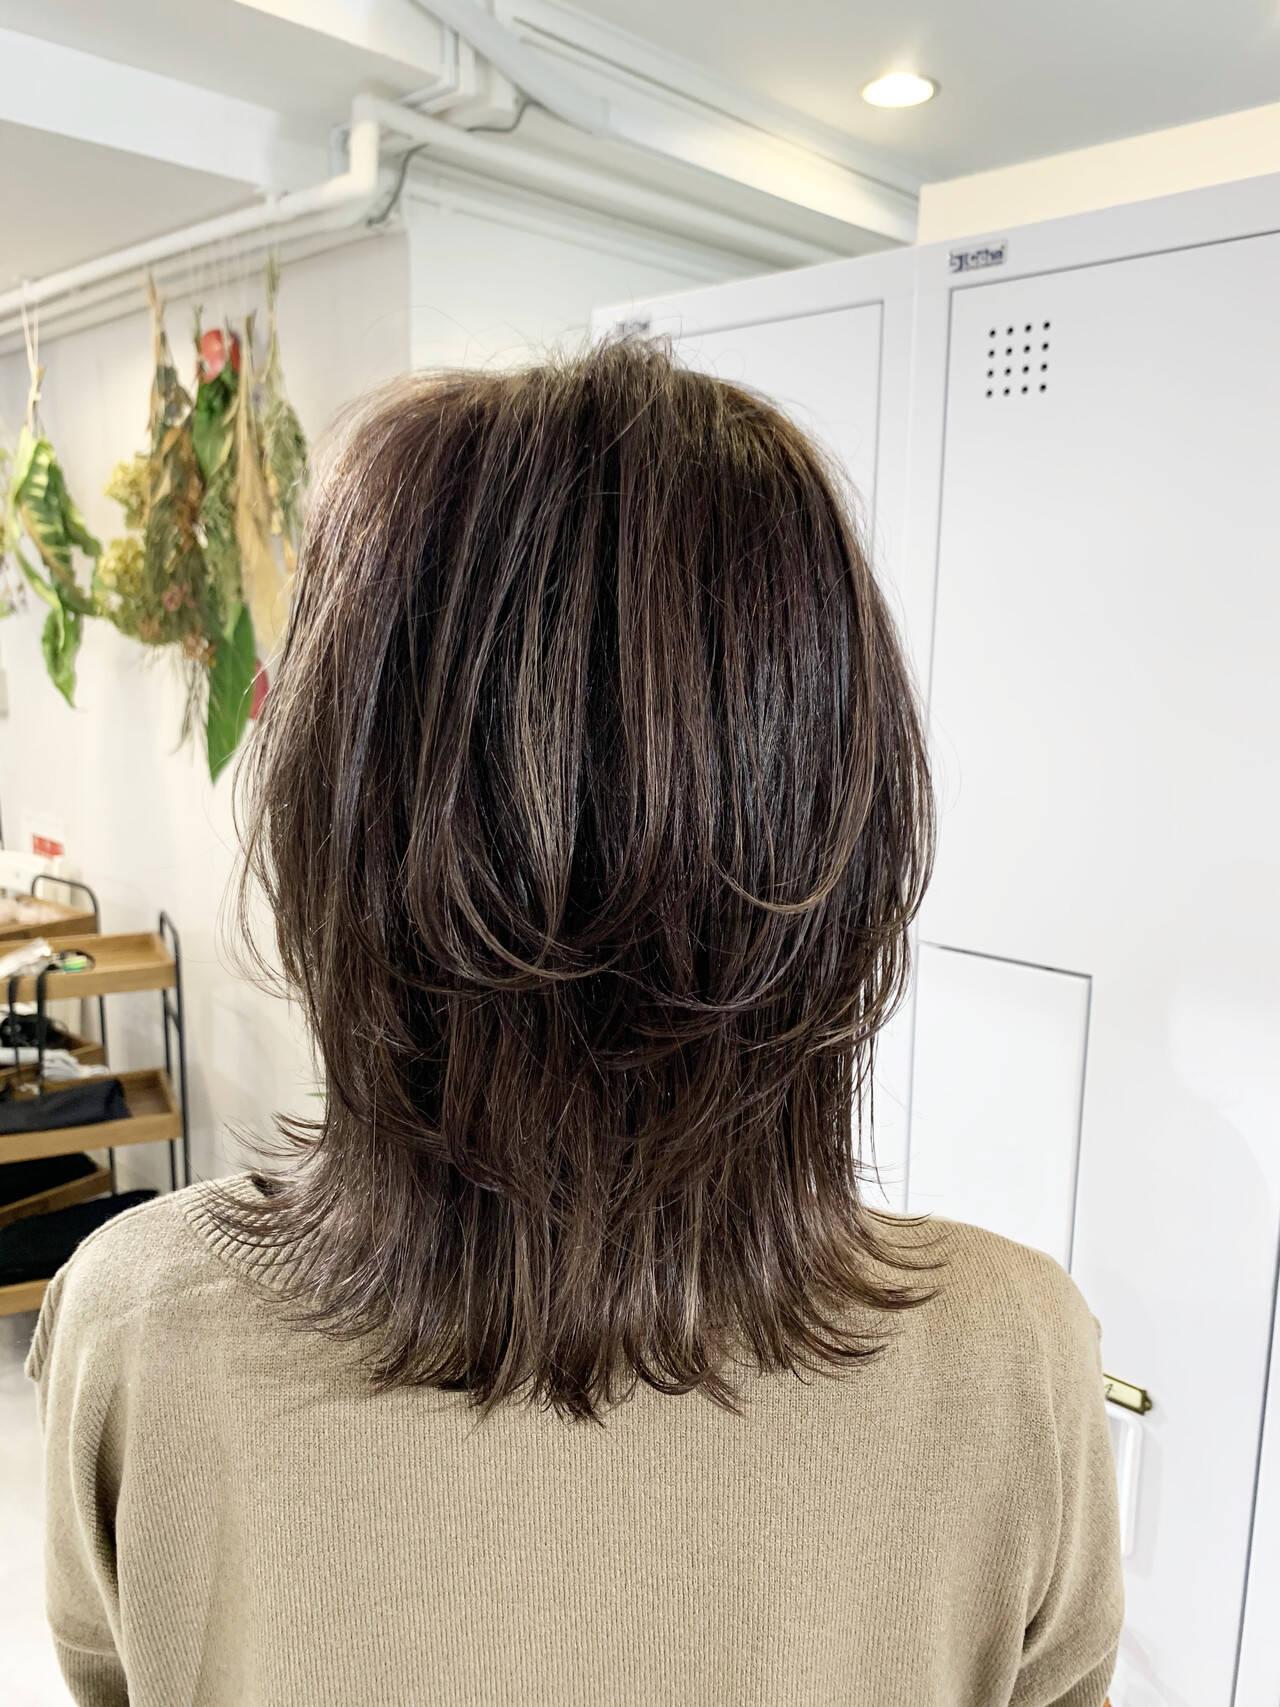 極細ハイライト 3Dハイライト 大人ハイライト ストリートヘアスタイルや髪型の写真・画像